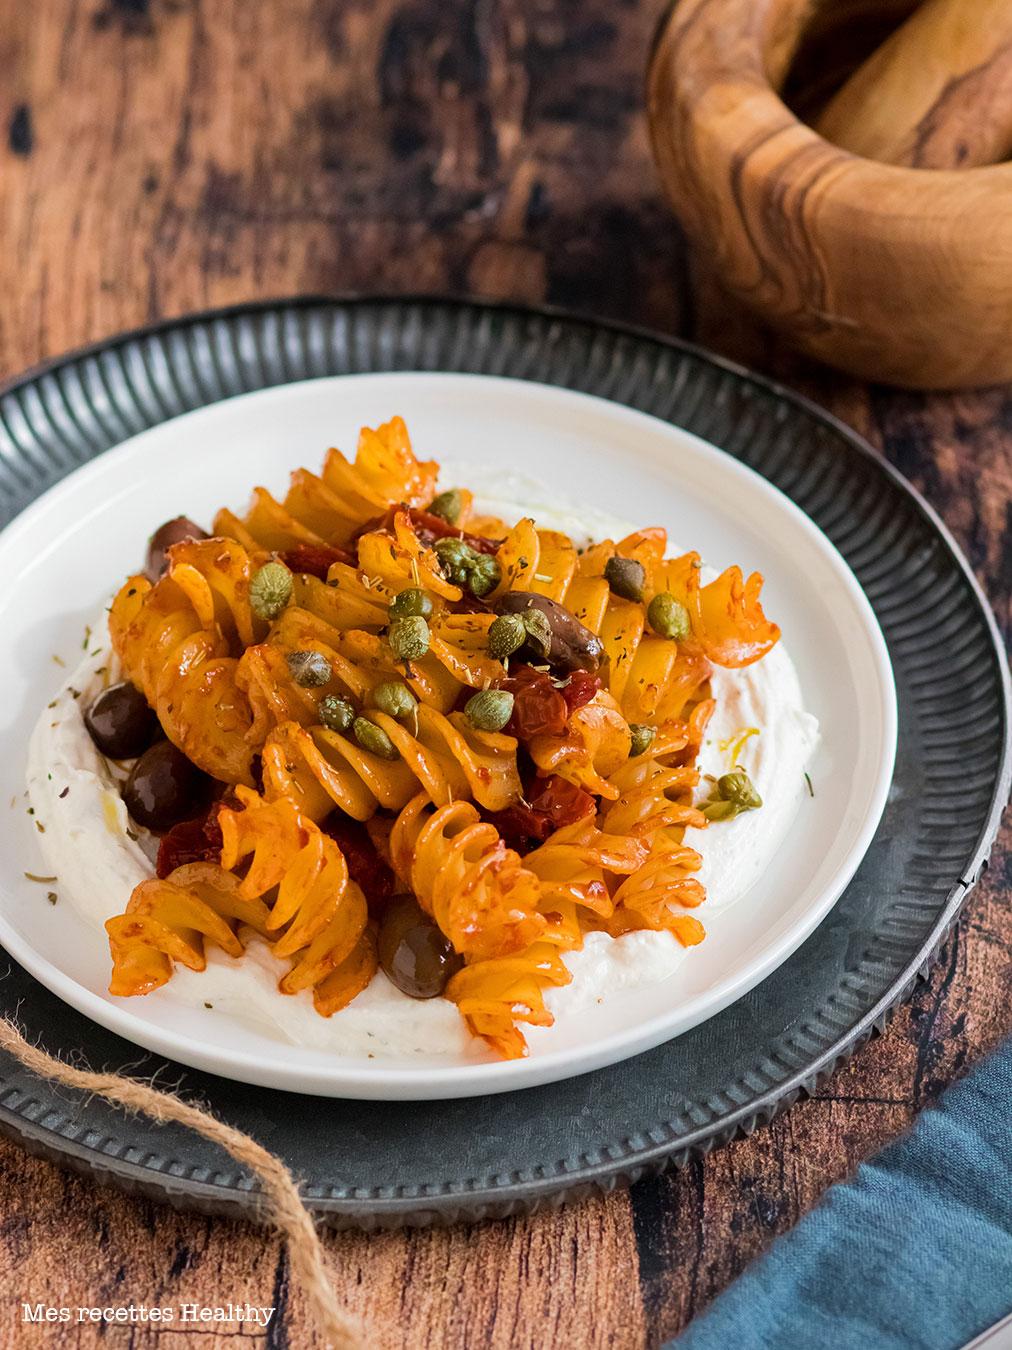 recette healthy-pate-pasta-facile-rapide-Pâte-aux-olives-et-tomates